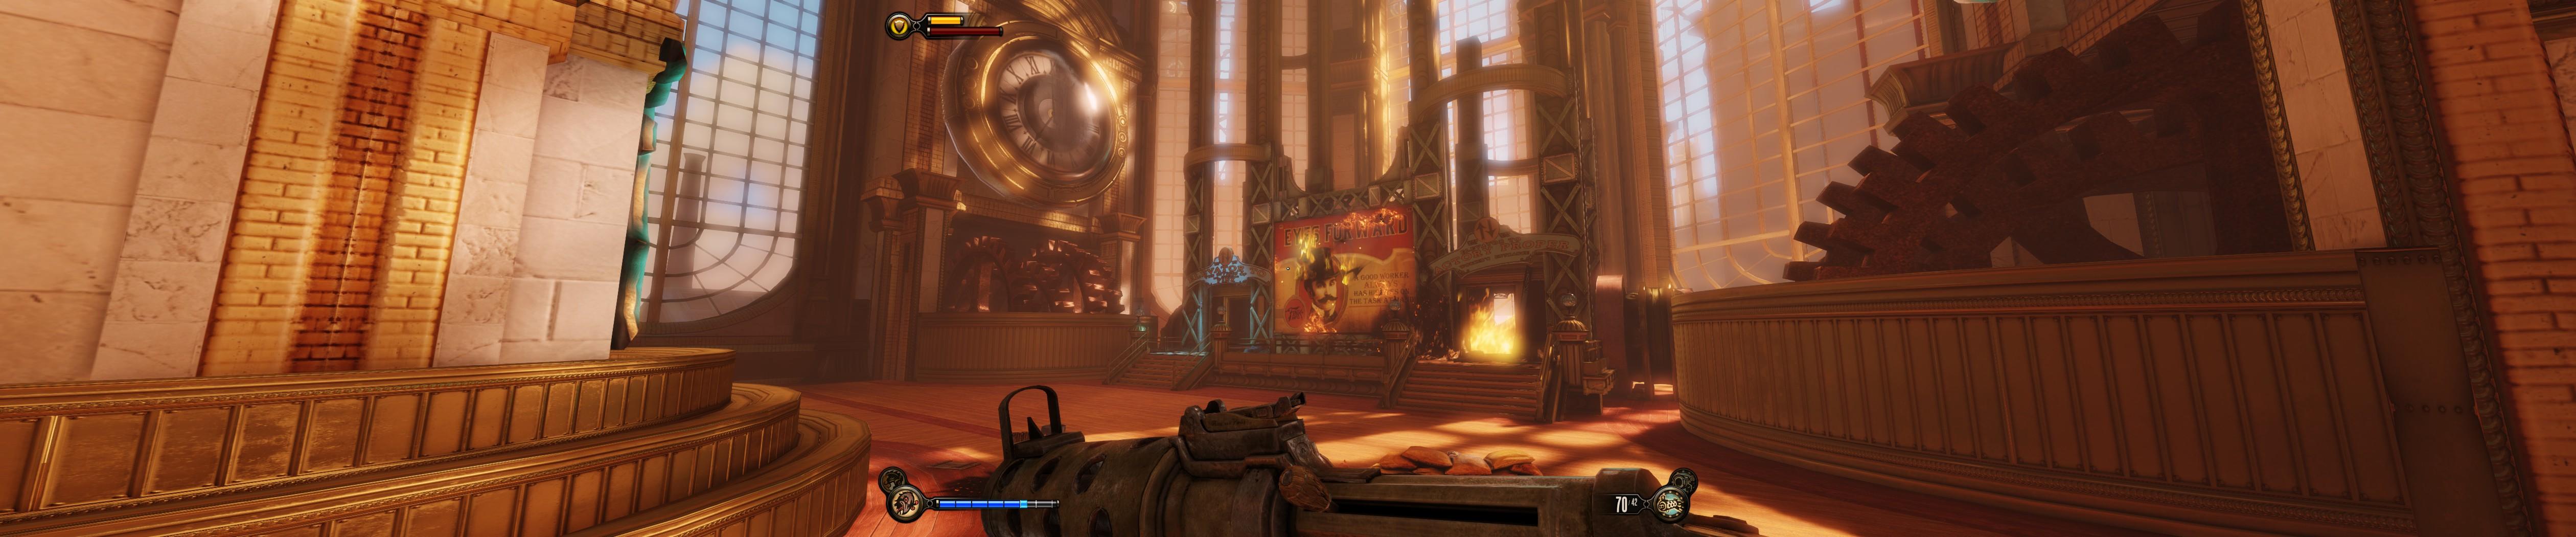 Bioshock_Infinite_2013-05-14_00048